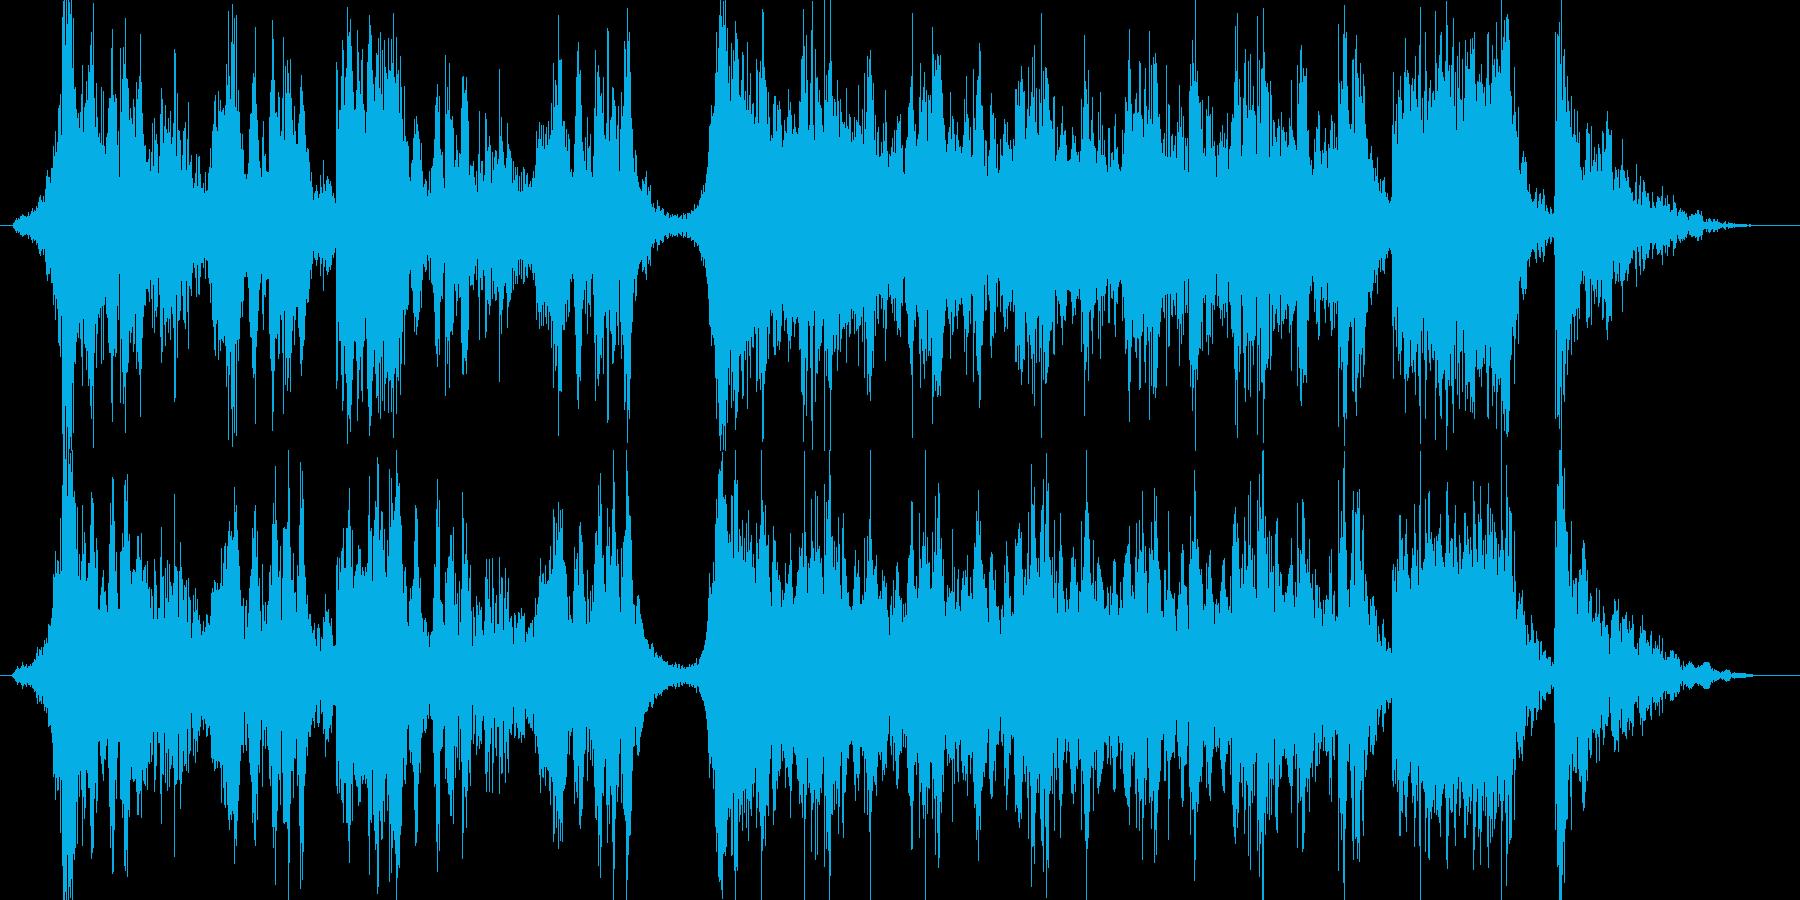 ハリウッド予告編の様な壮大オーケストラの再生済みの波形